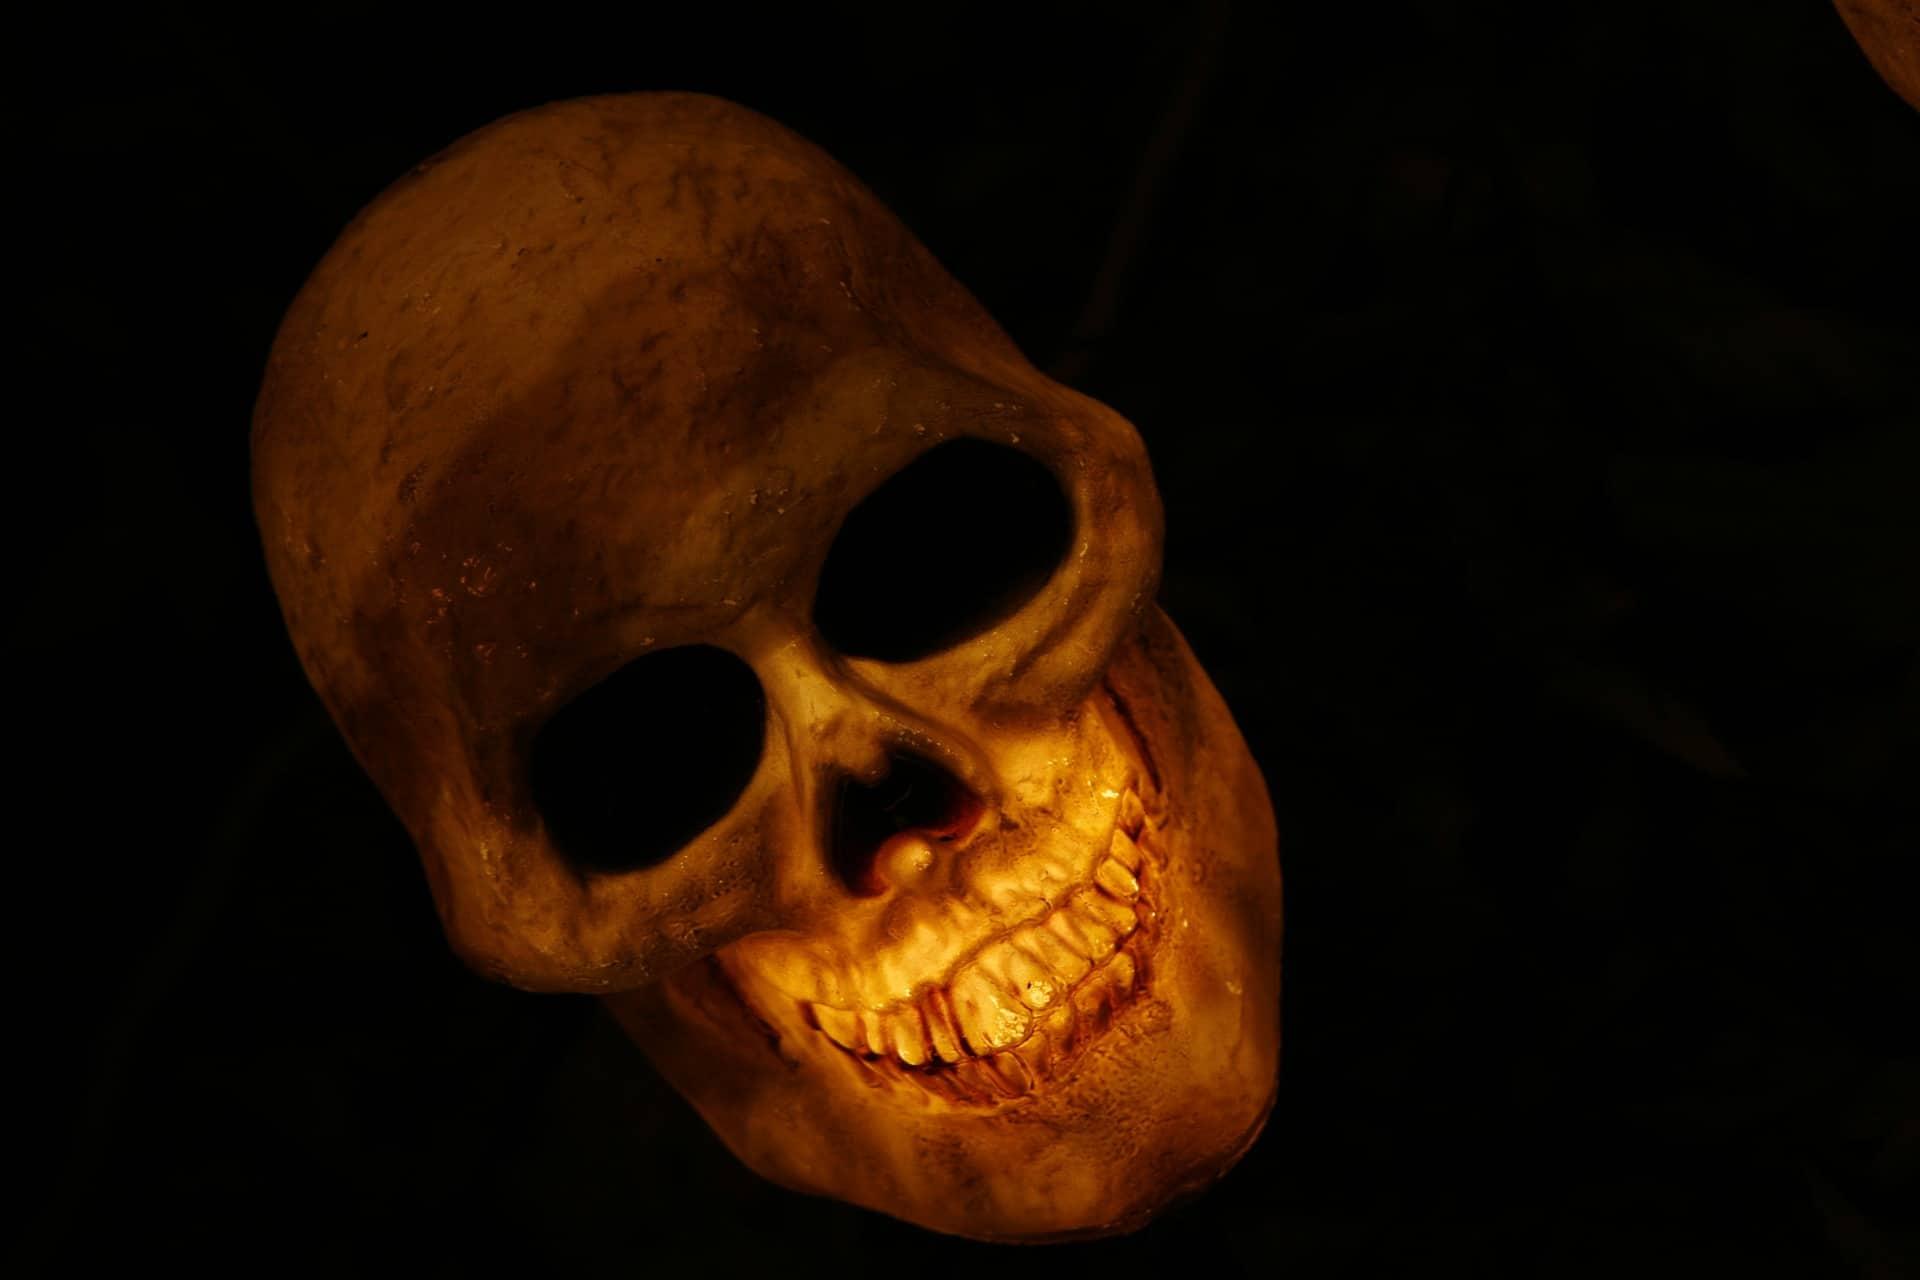 Question insolite : les cehveux poussent-ils après la mort ?